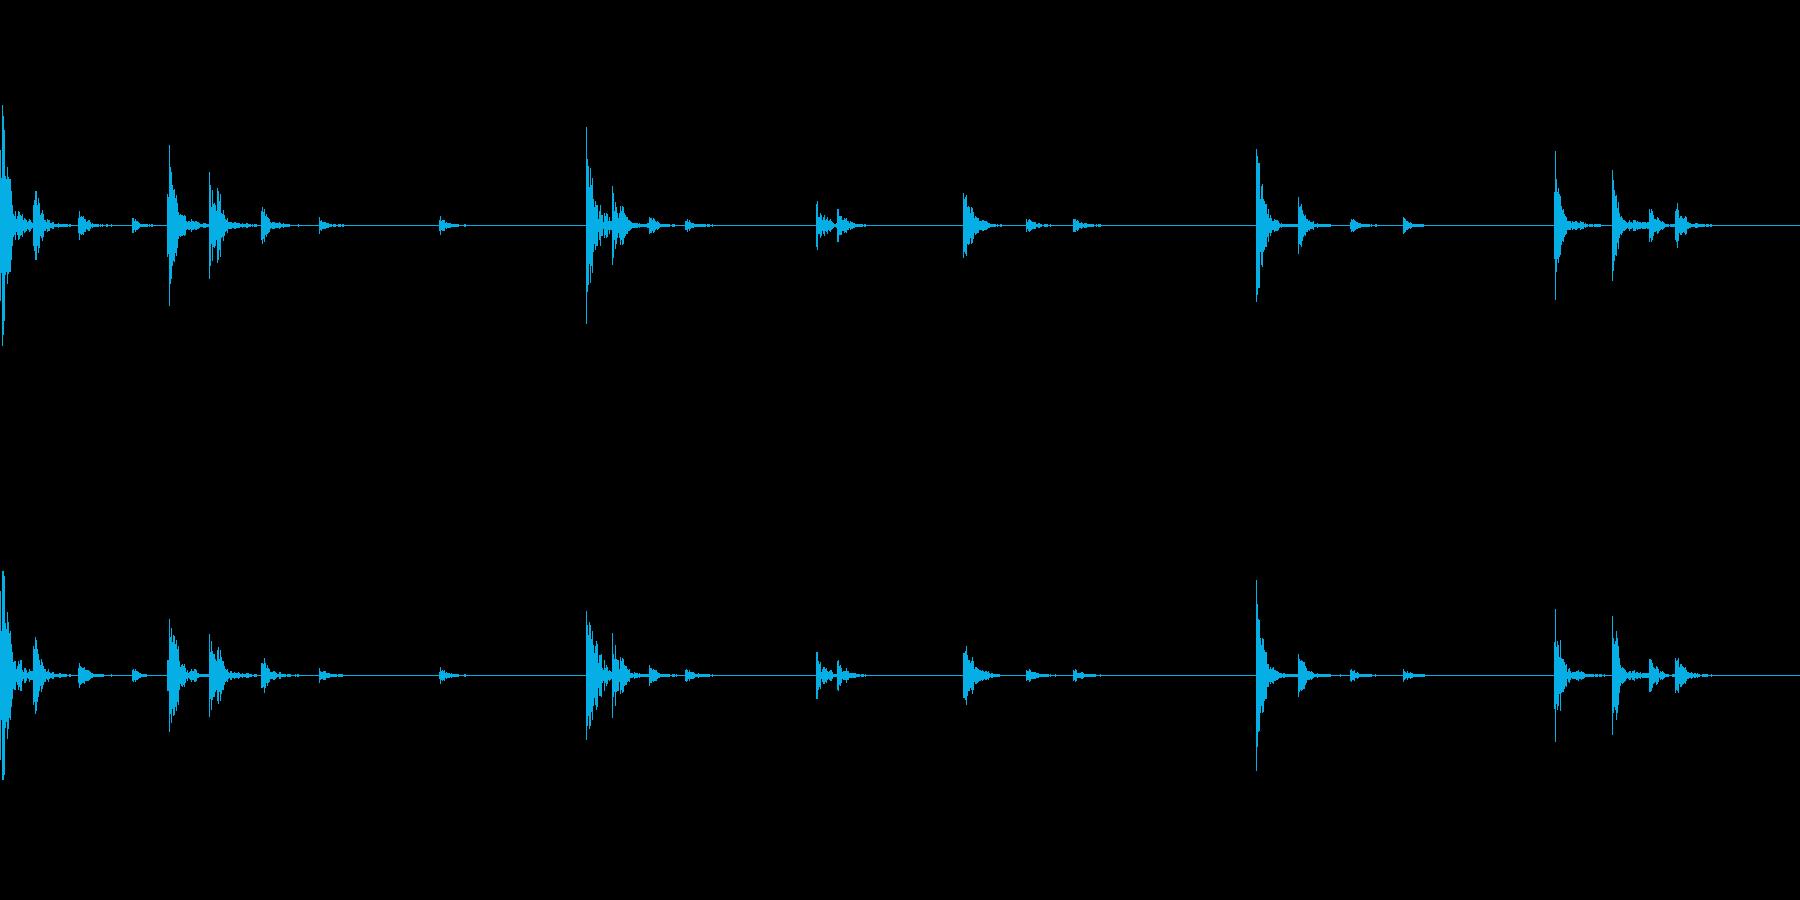 チリーン...チリーン(風鈴)の再生済みの波形